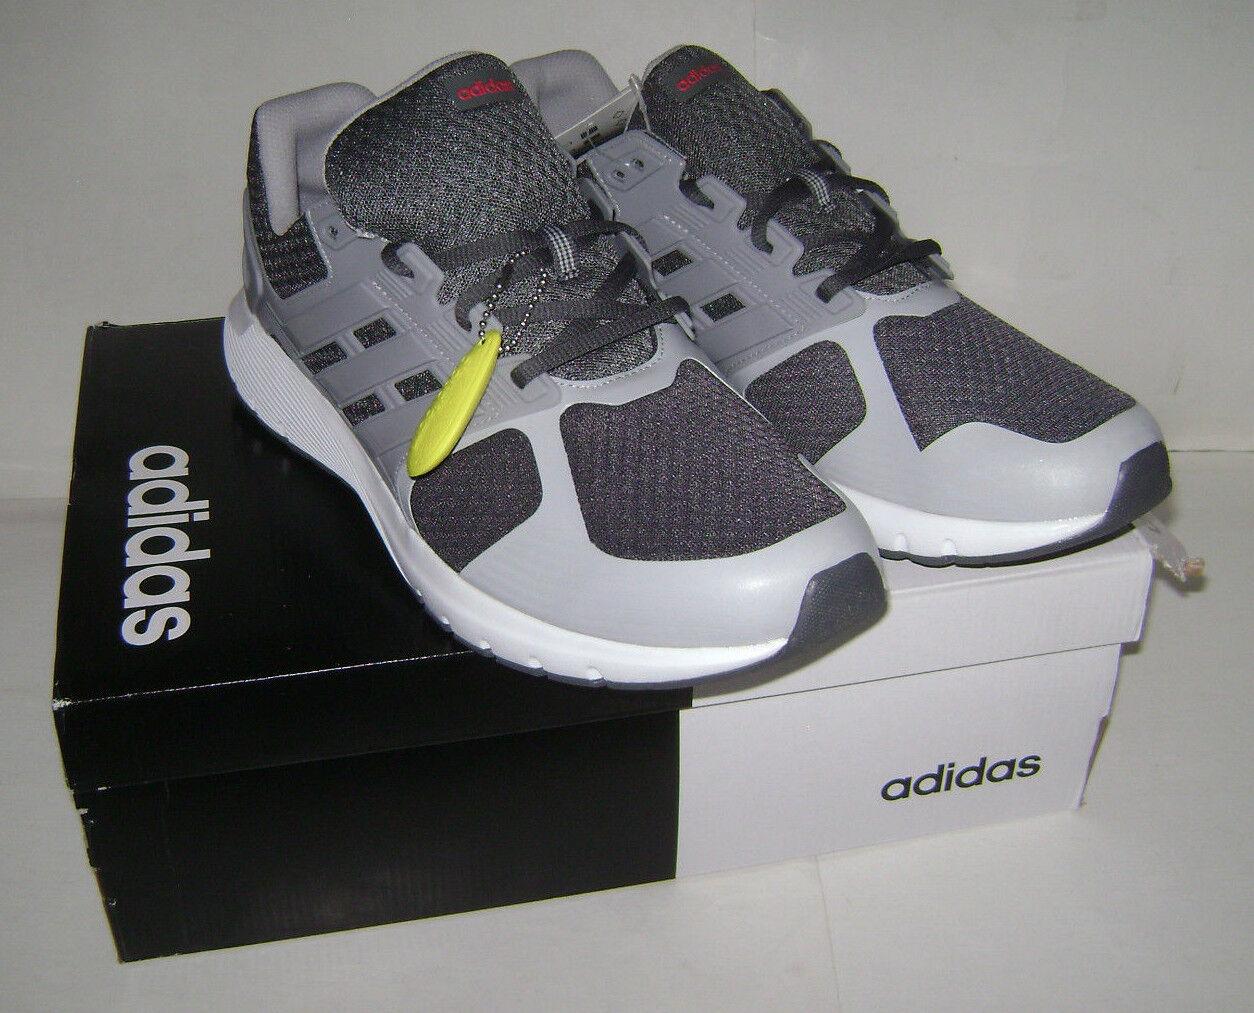 NIB adidas cloudfoam Men duramo 8 m Running Sneakers Shoes Sz 10 Gray CP8741